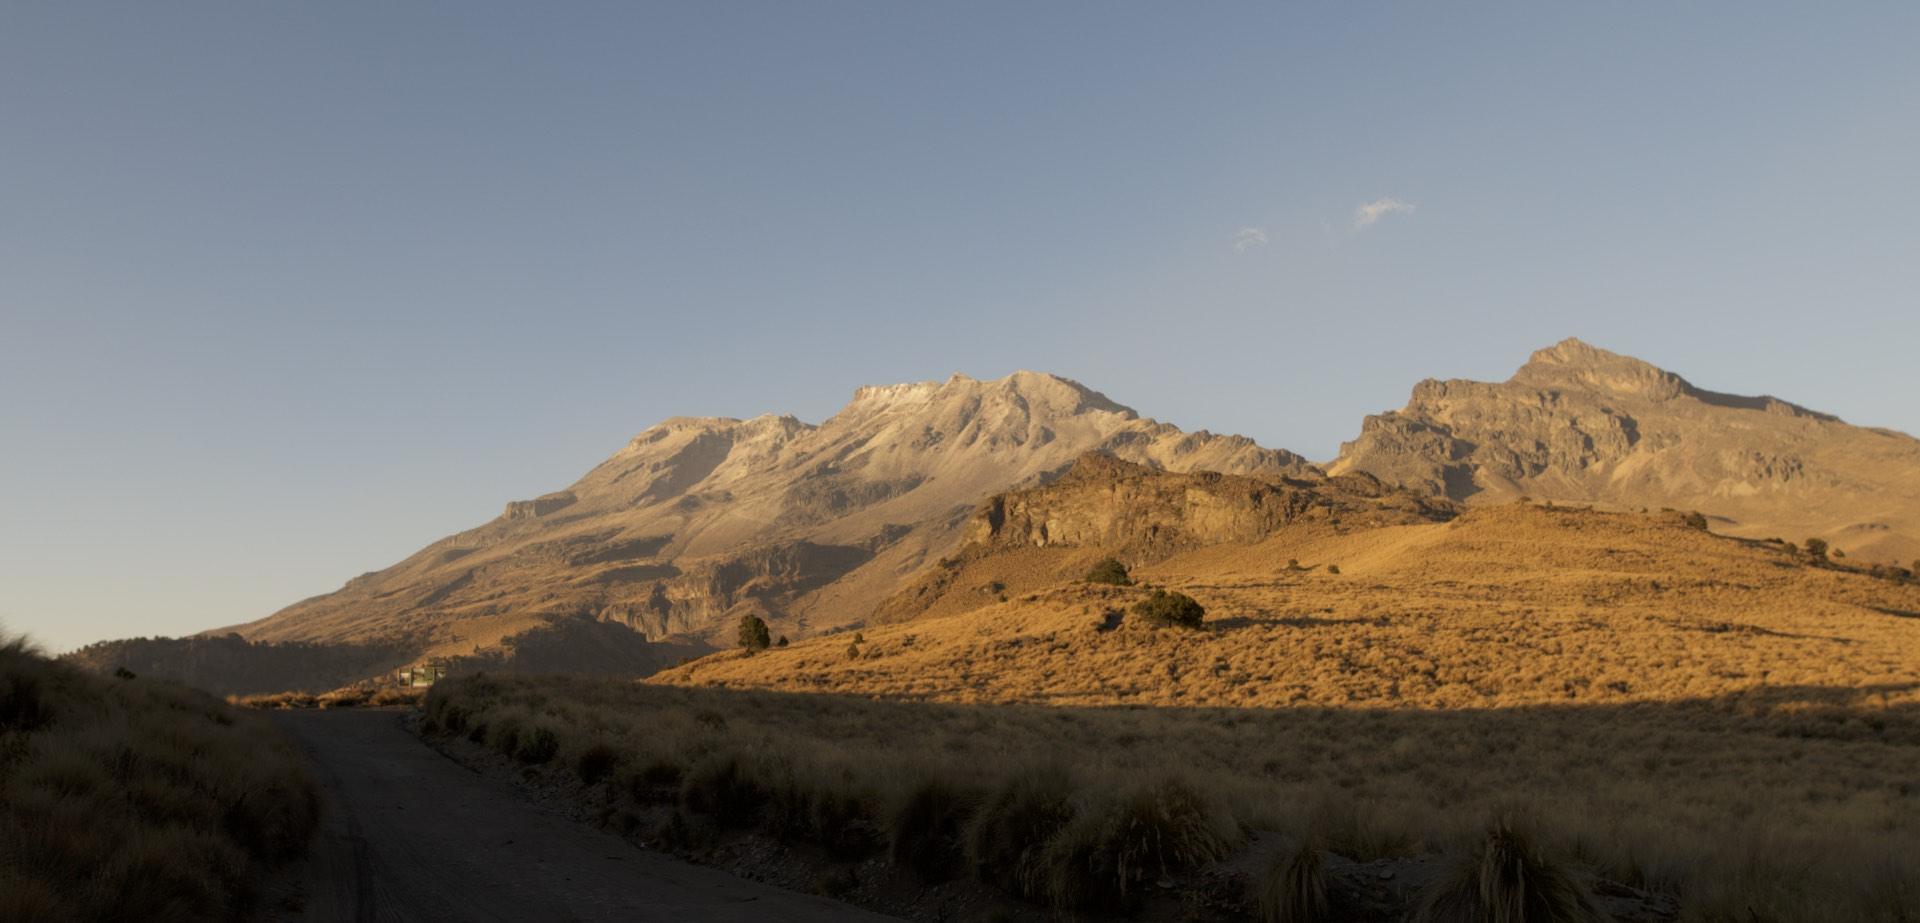 Iztaccihuatl, third highest peak in Mexico at 5200m something.